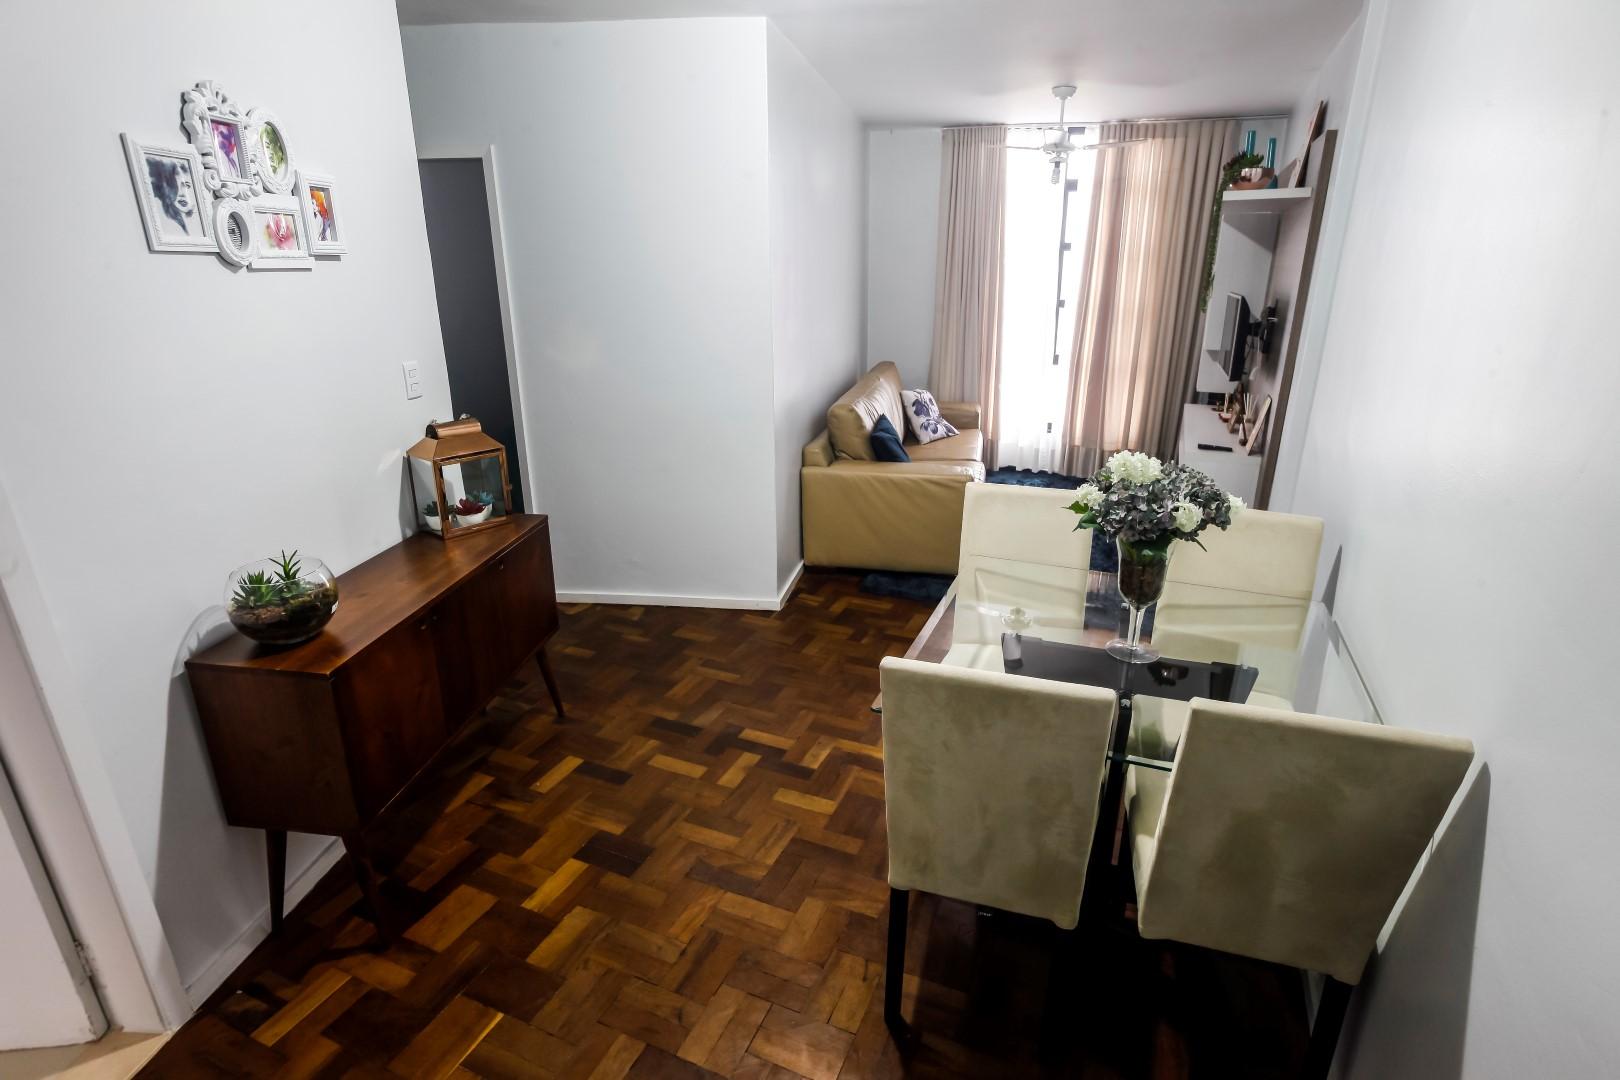 Foto interna do Condomínio Cruzeiro do Sul.  Foto: André Rodrigues / Gazeta do Povo